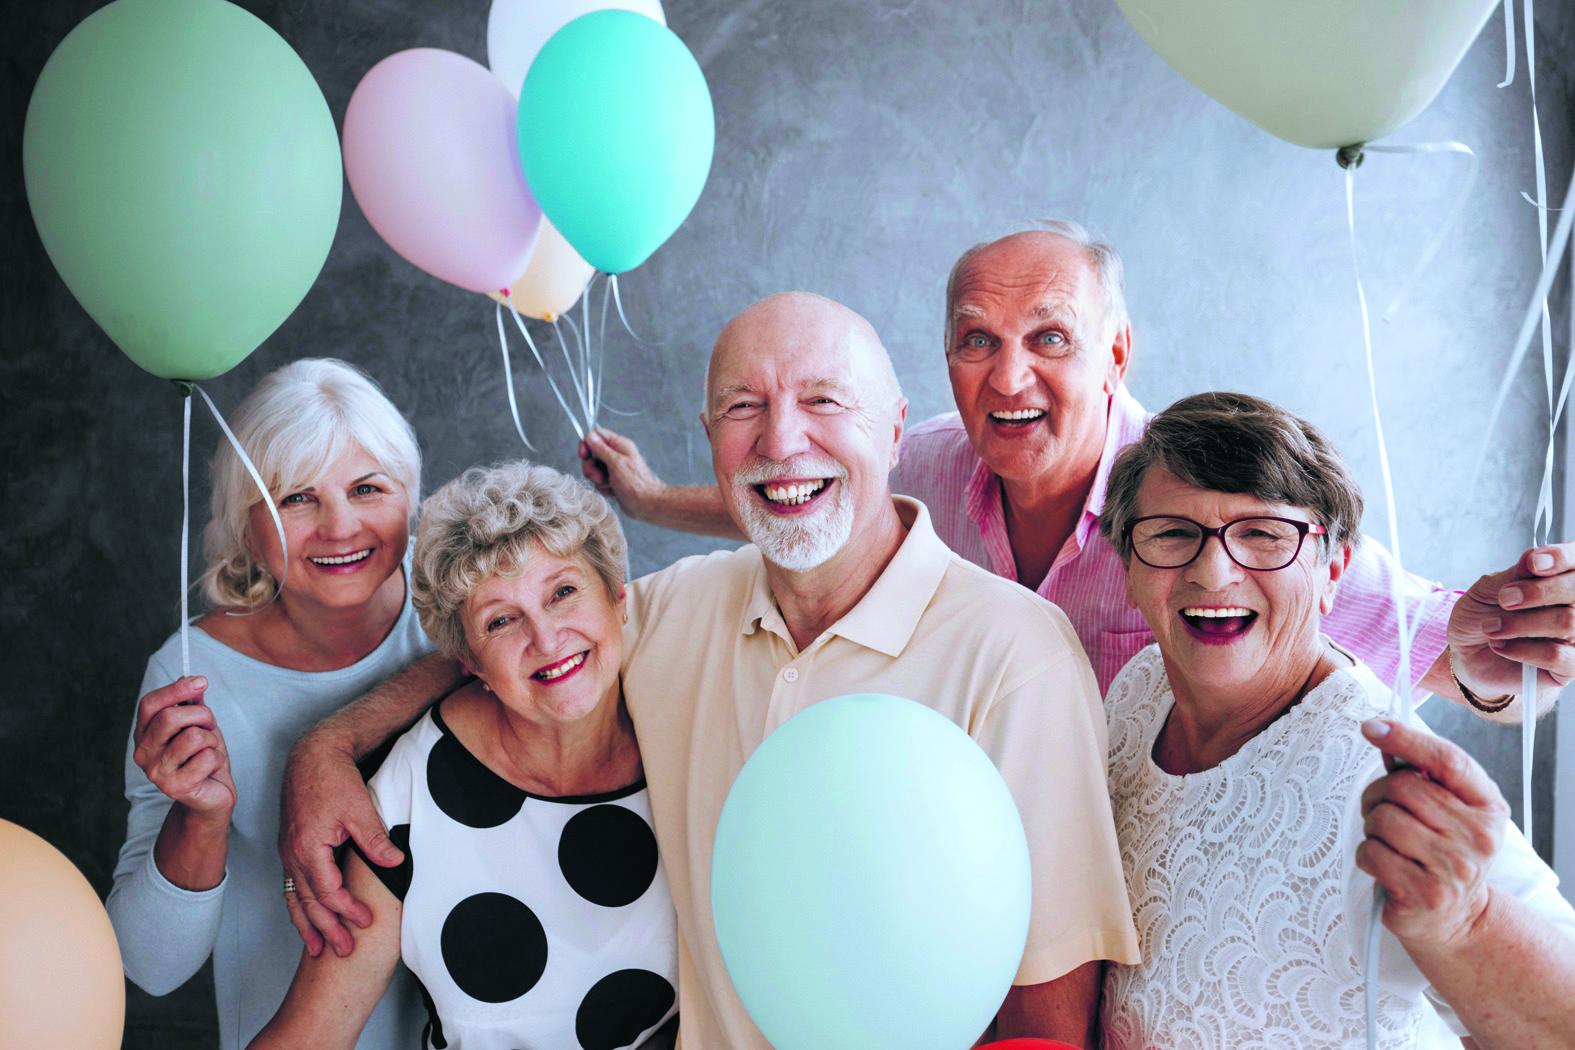 De Seniorendag wordt 25 oktober gehouden in De Lindehof in Hoogwoud. Mis deze gezellige dag niet! (Foto: AdobeStock)